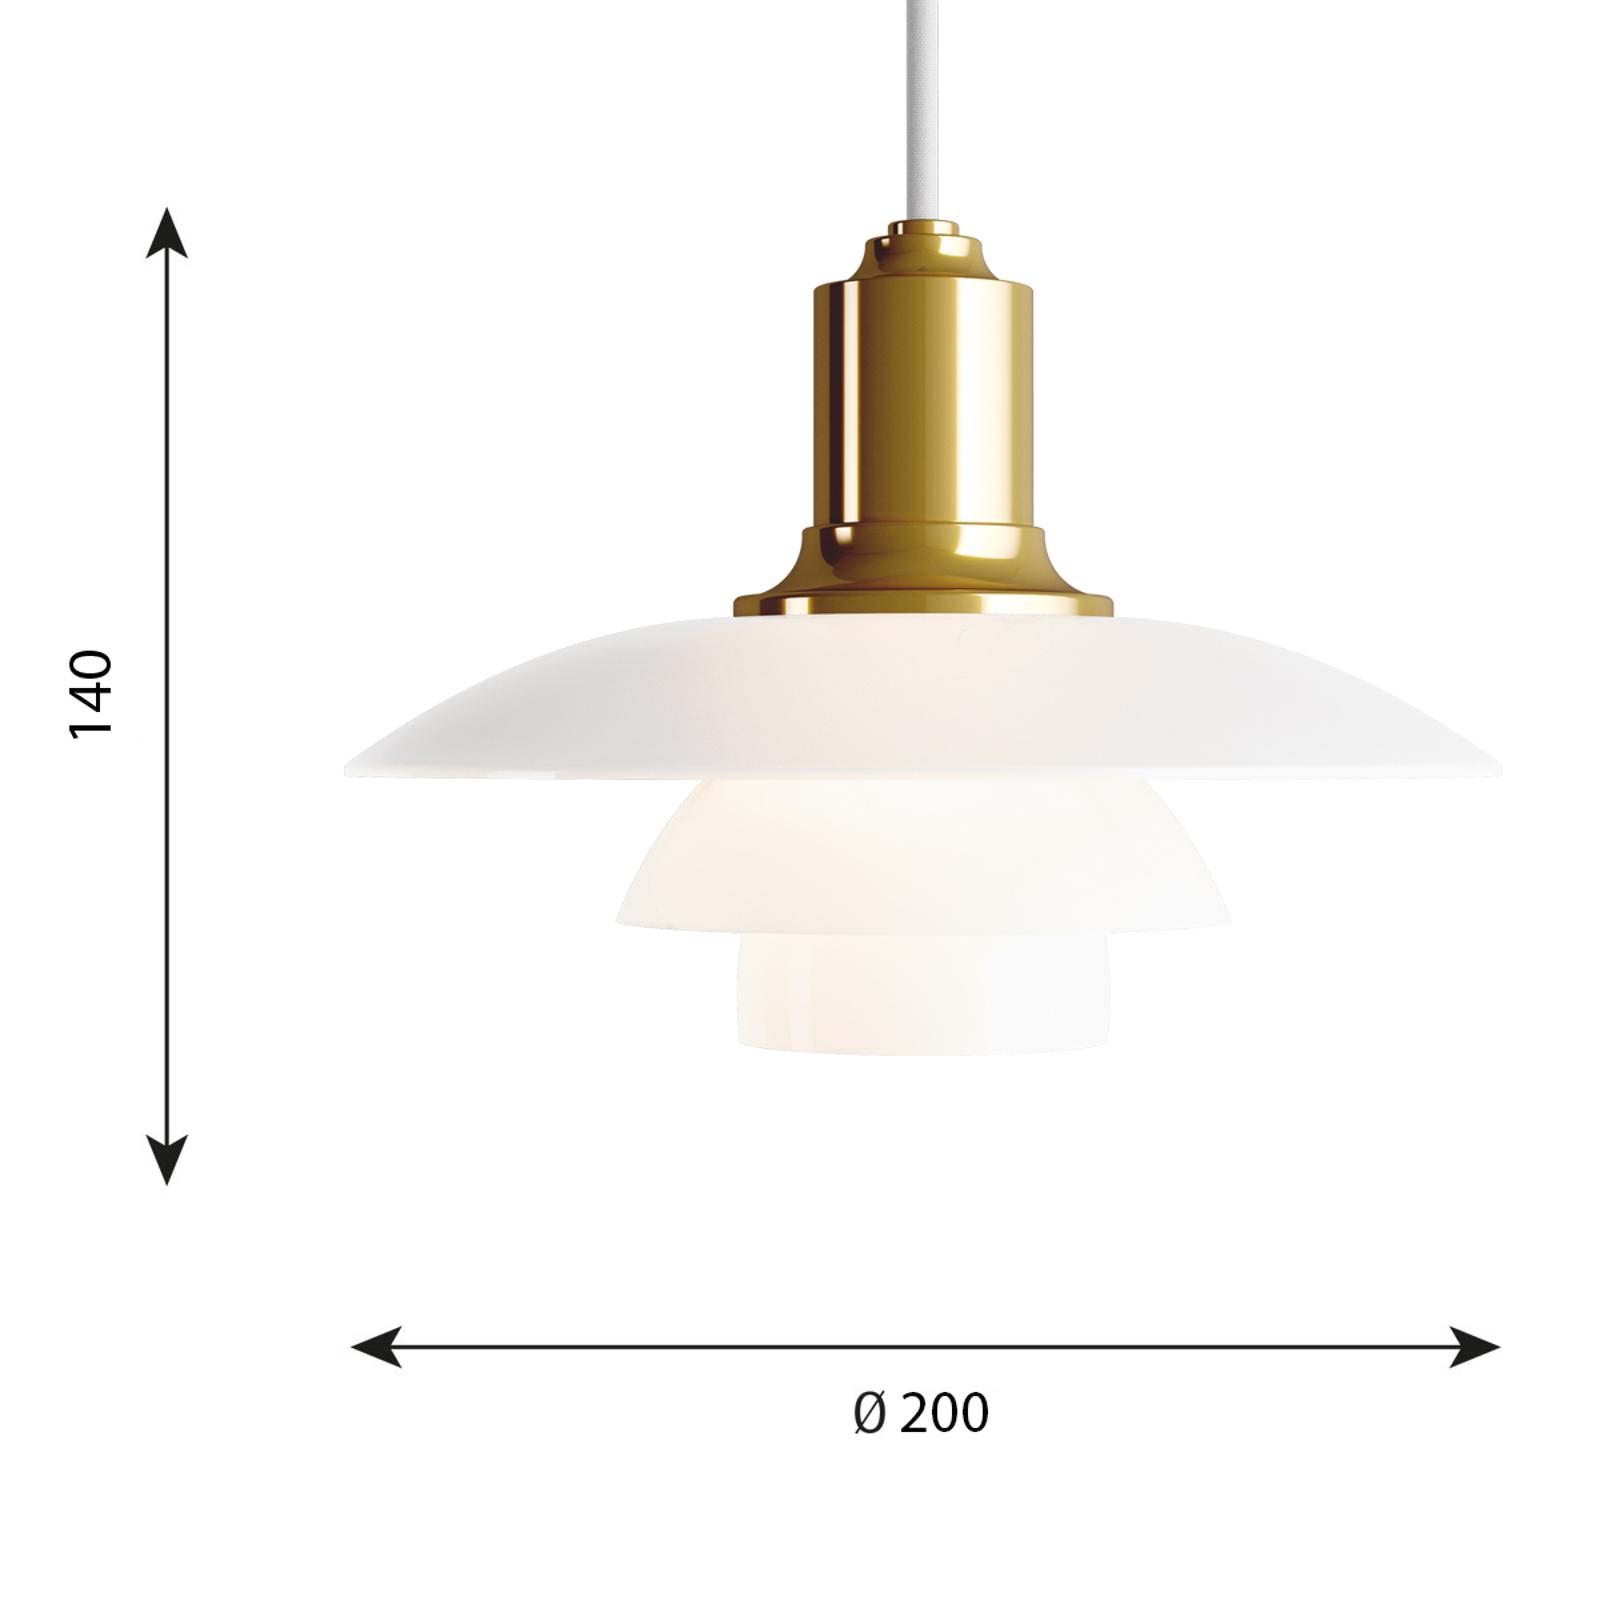 Louis Poulsen PH 2/1 glas-hanglamp messing